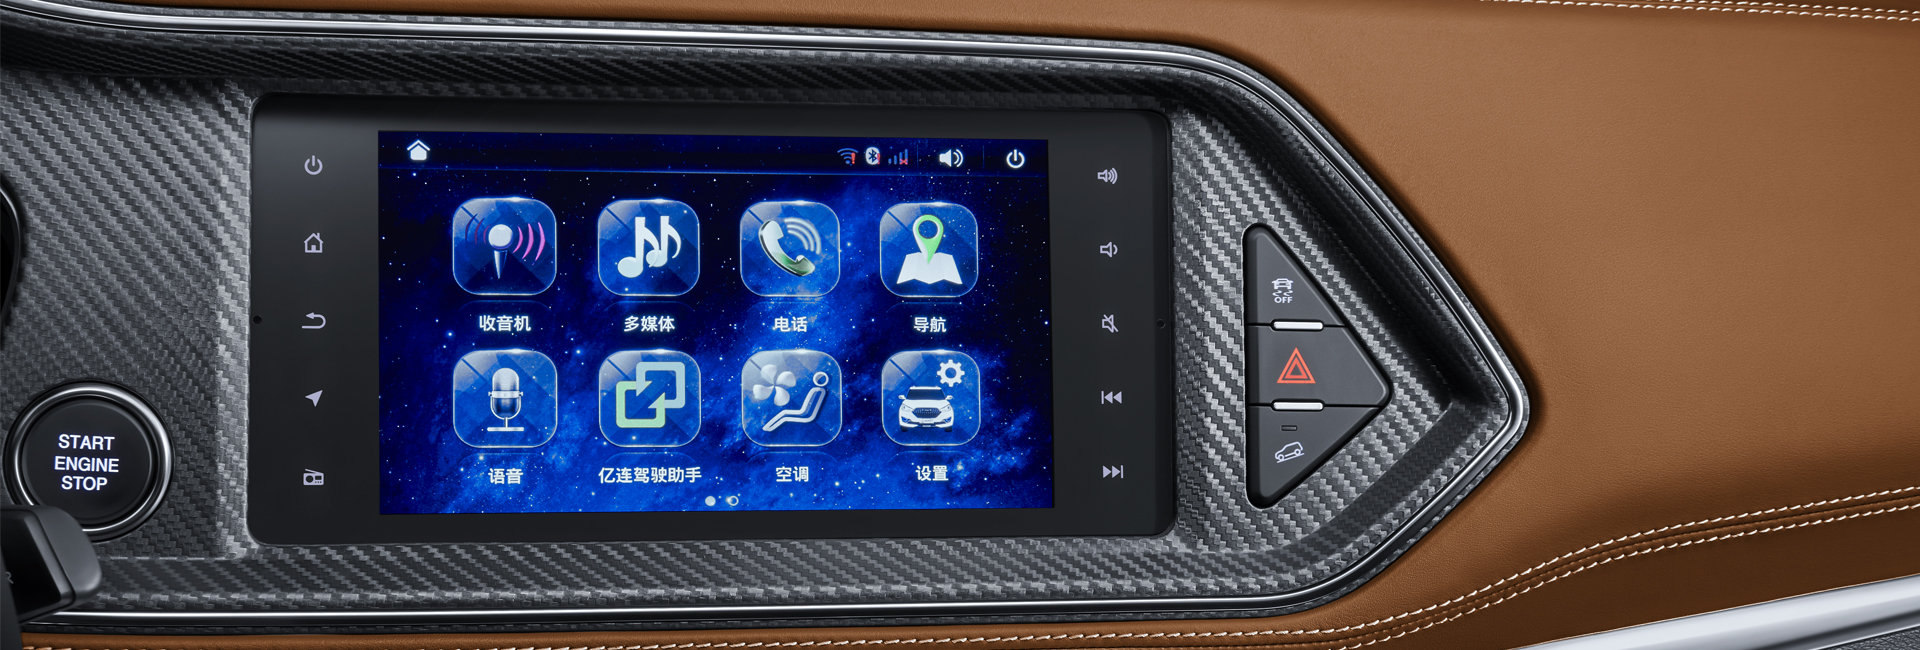 众泰汽车TYE-NET智控系统